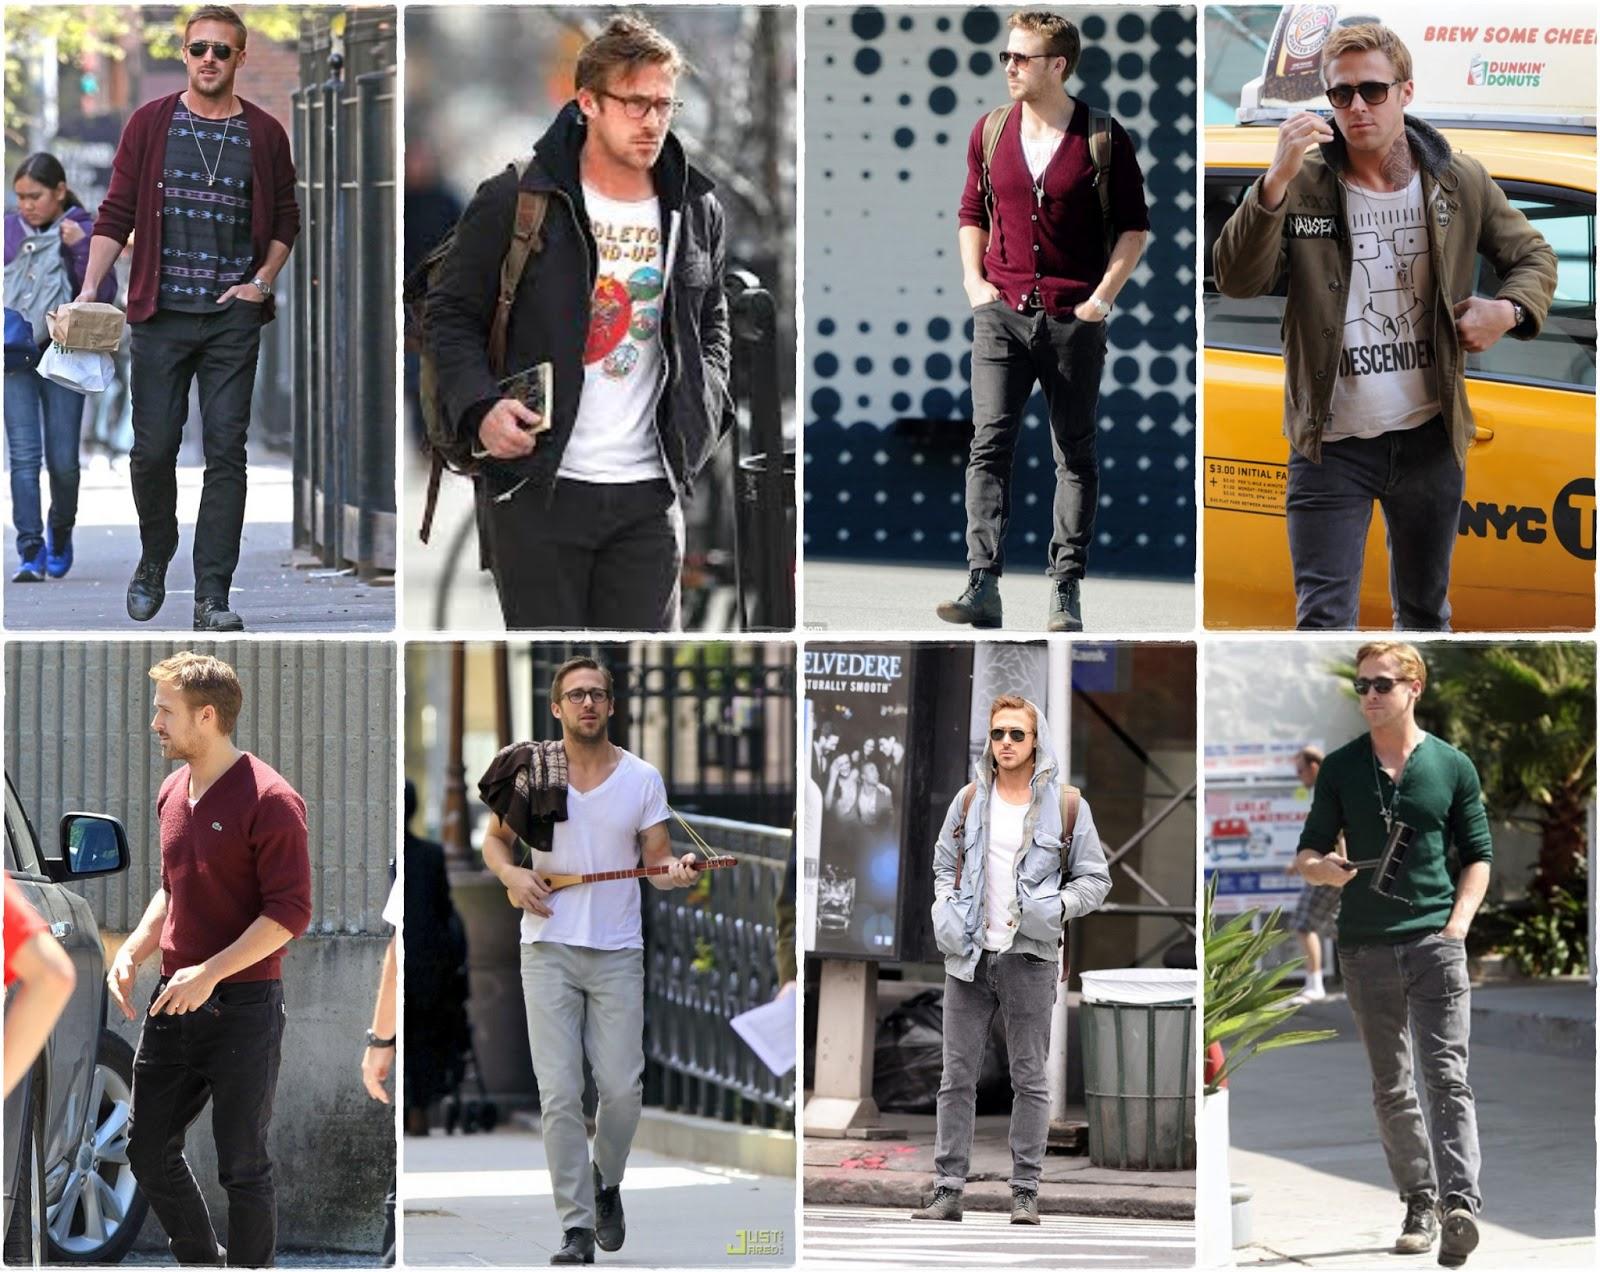 Ryan Gosling street style - trendsetter